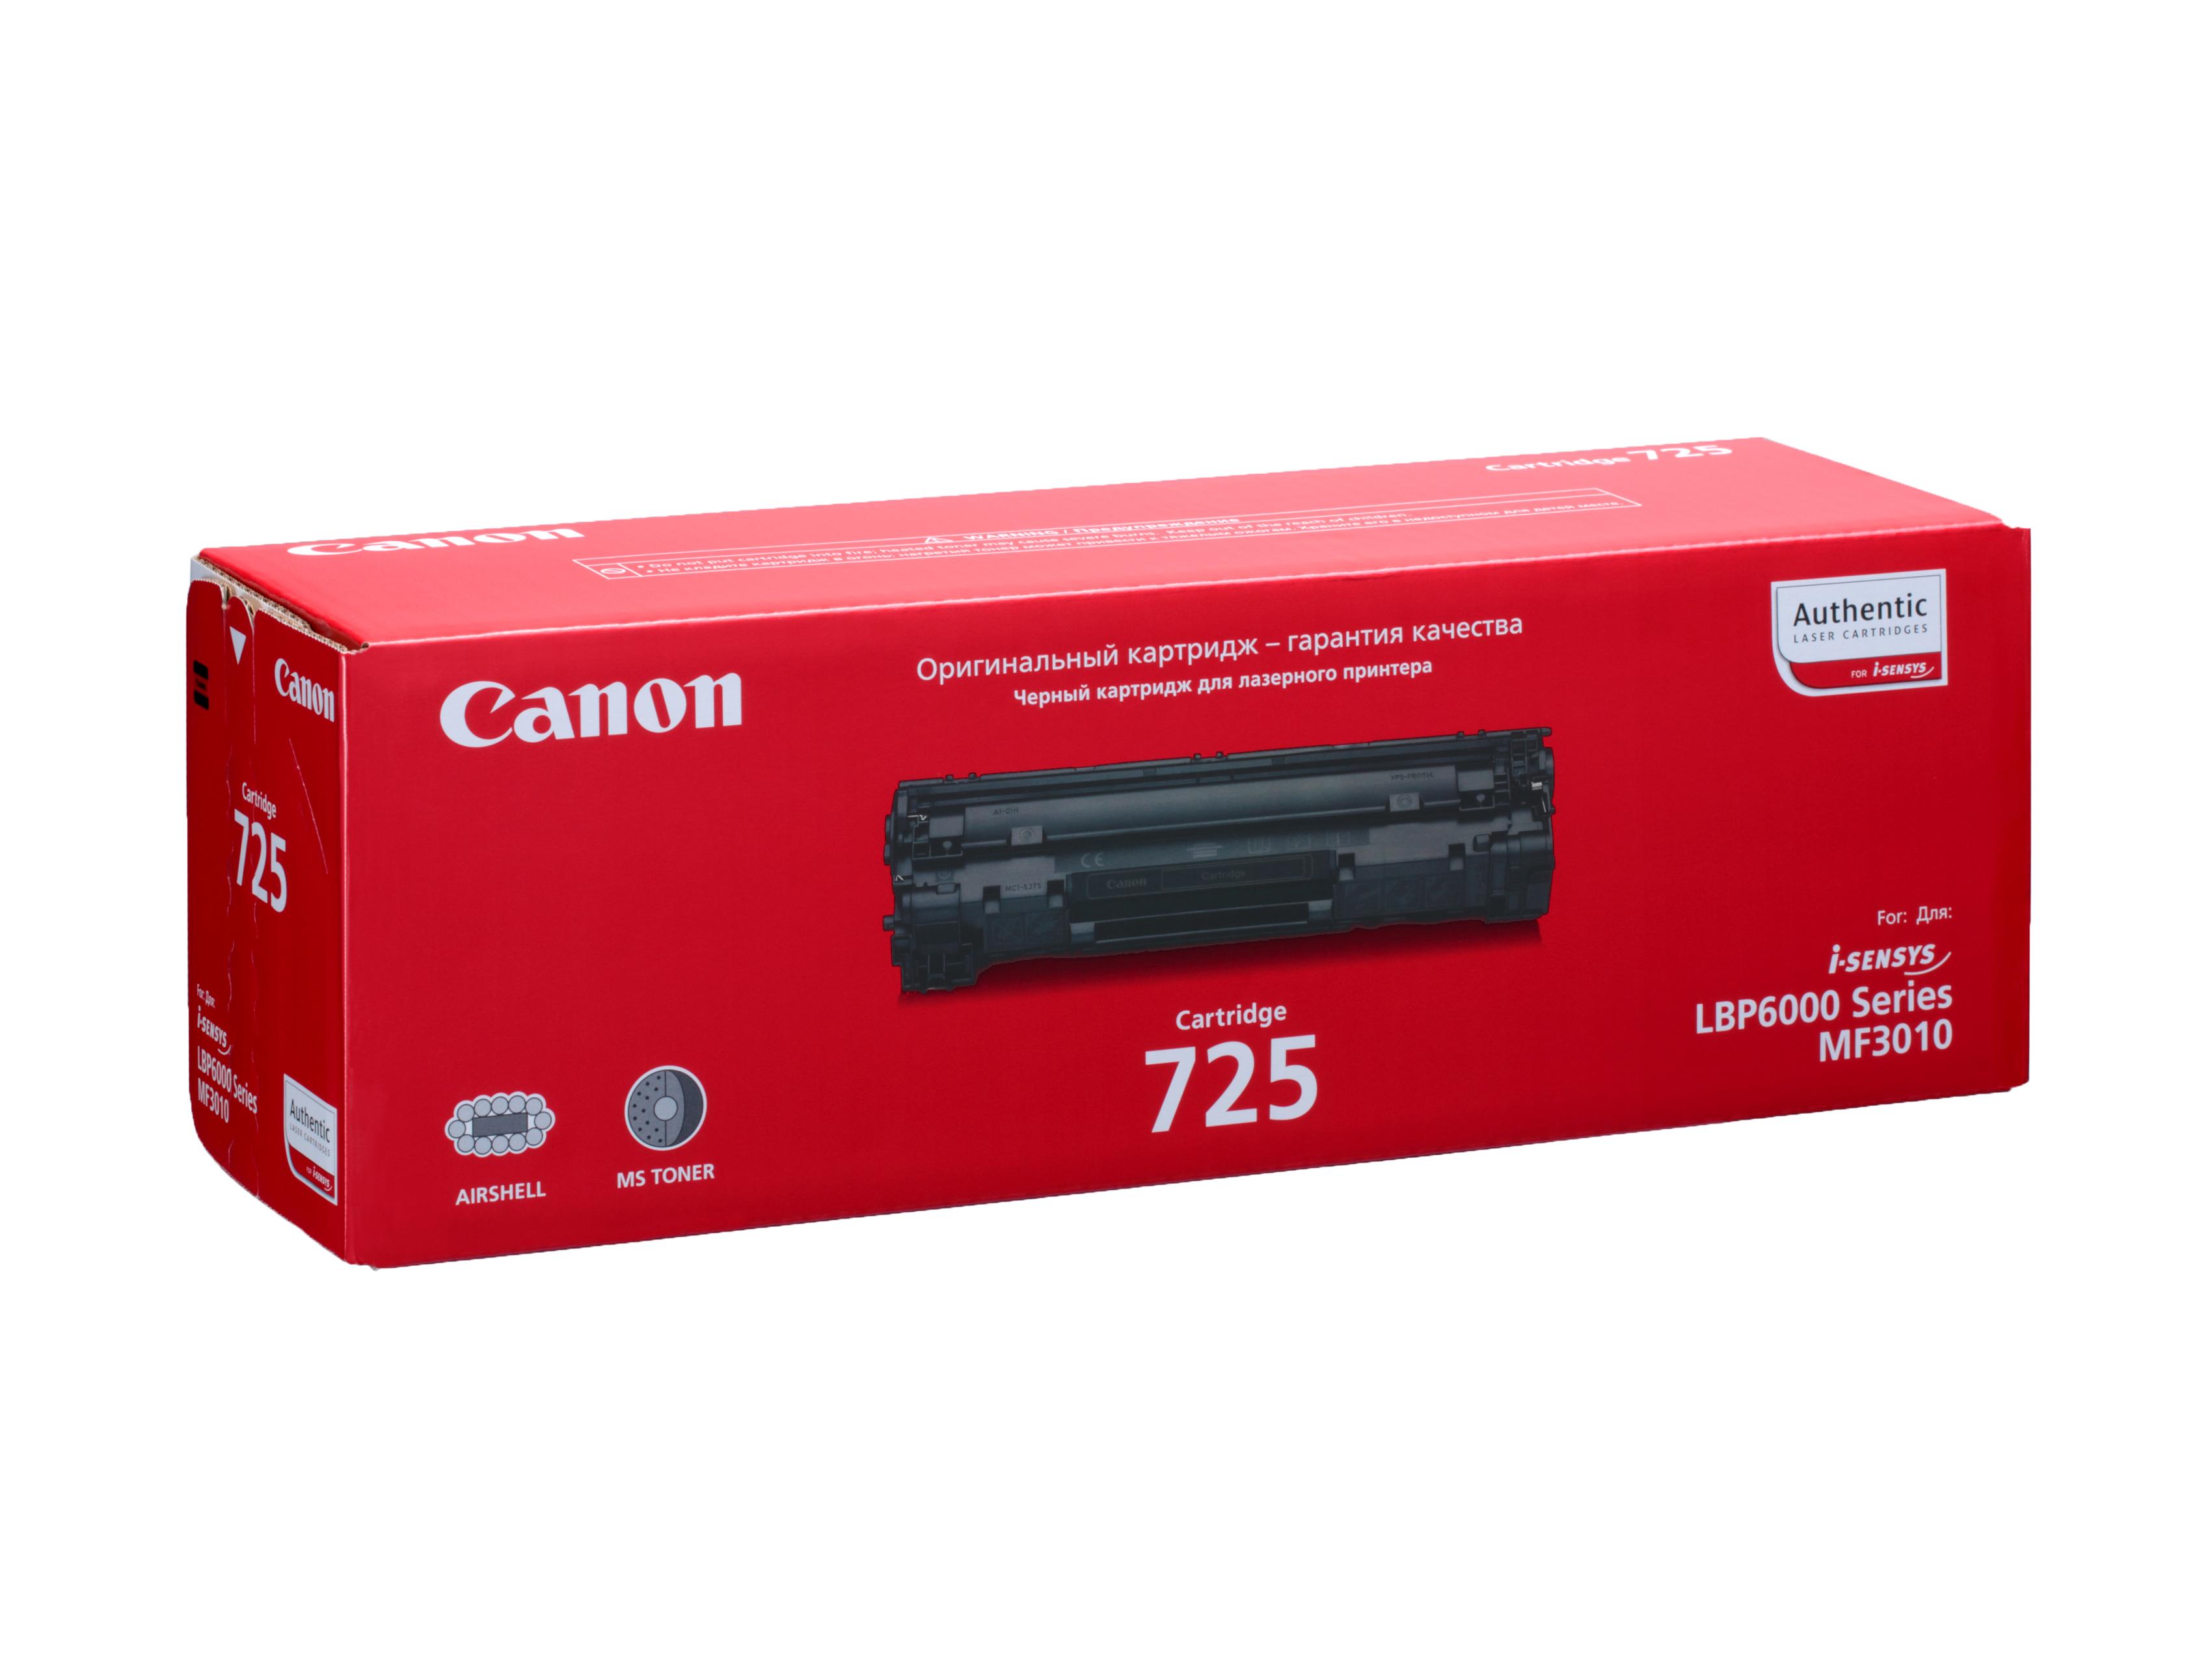 Картридж Canon 725 для LBP-6000/LBP-6000B. Чёрный. 1600 страниц. картридж canon ep 27 для lbp 3200 чёрный 2500 страниц